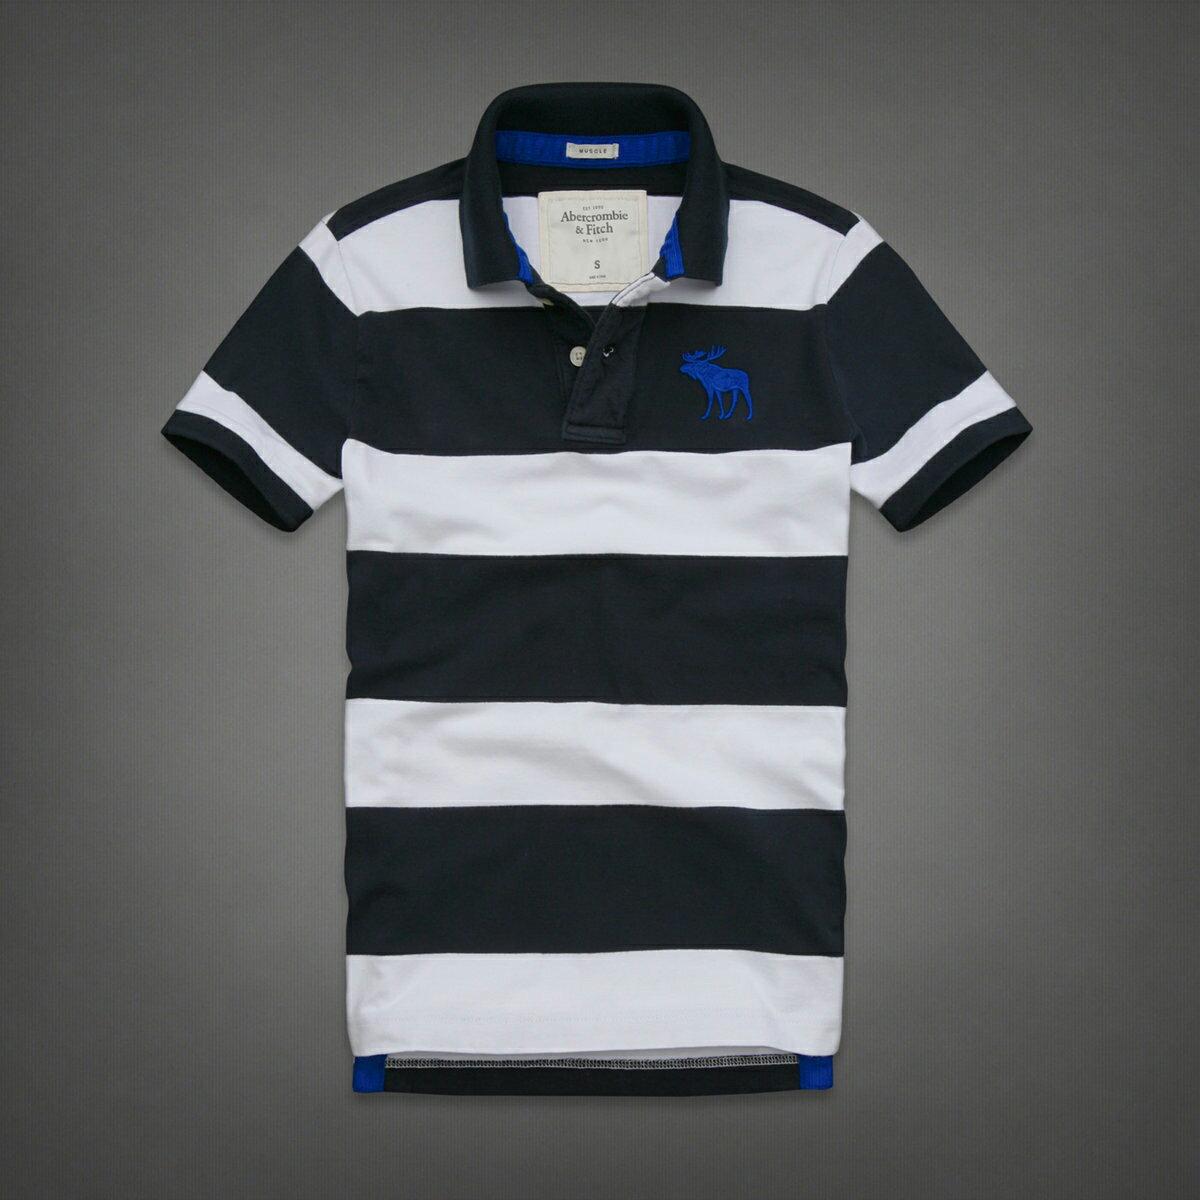 美國百分百【Abercrombie & Fitch】Polo衫 AF 短袖 上衣 大麋鹿 深藍 白 棉 L 男 F127